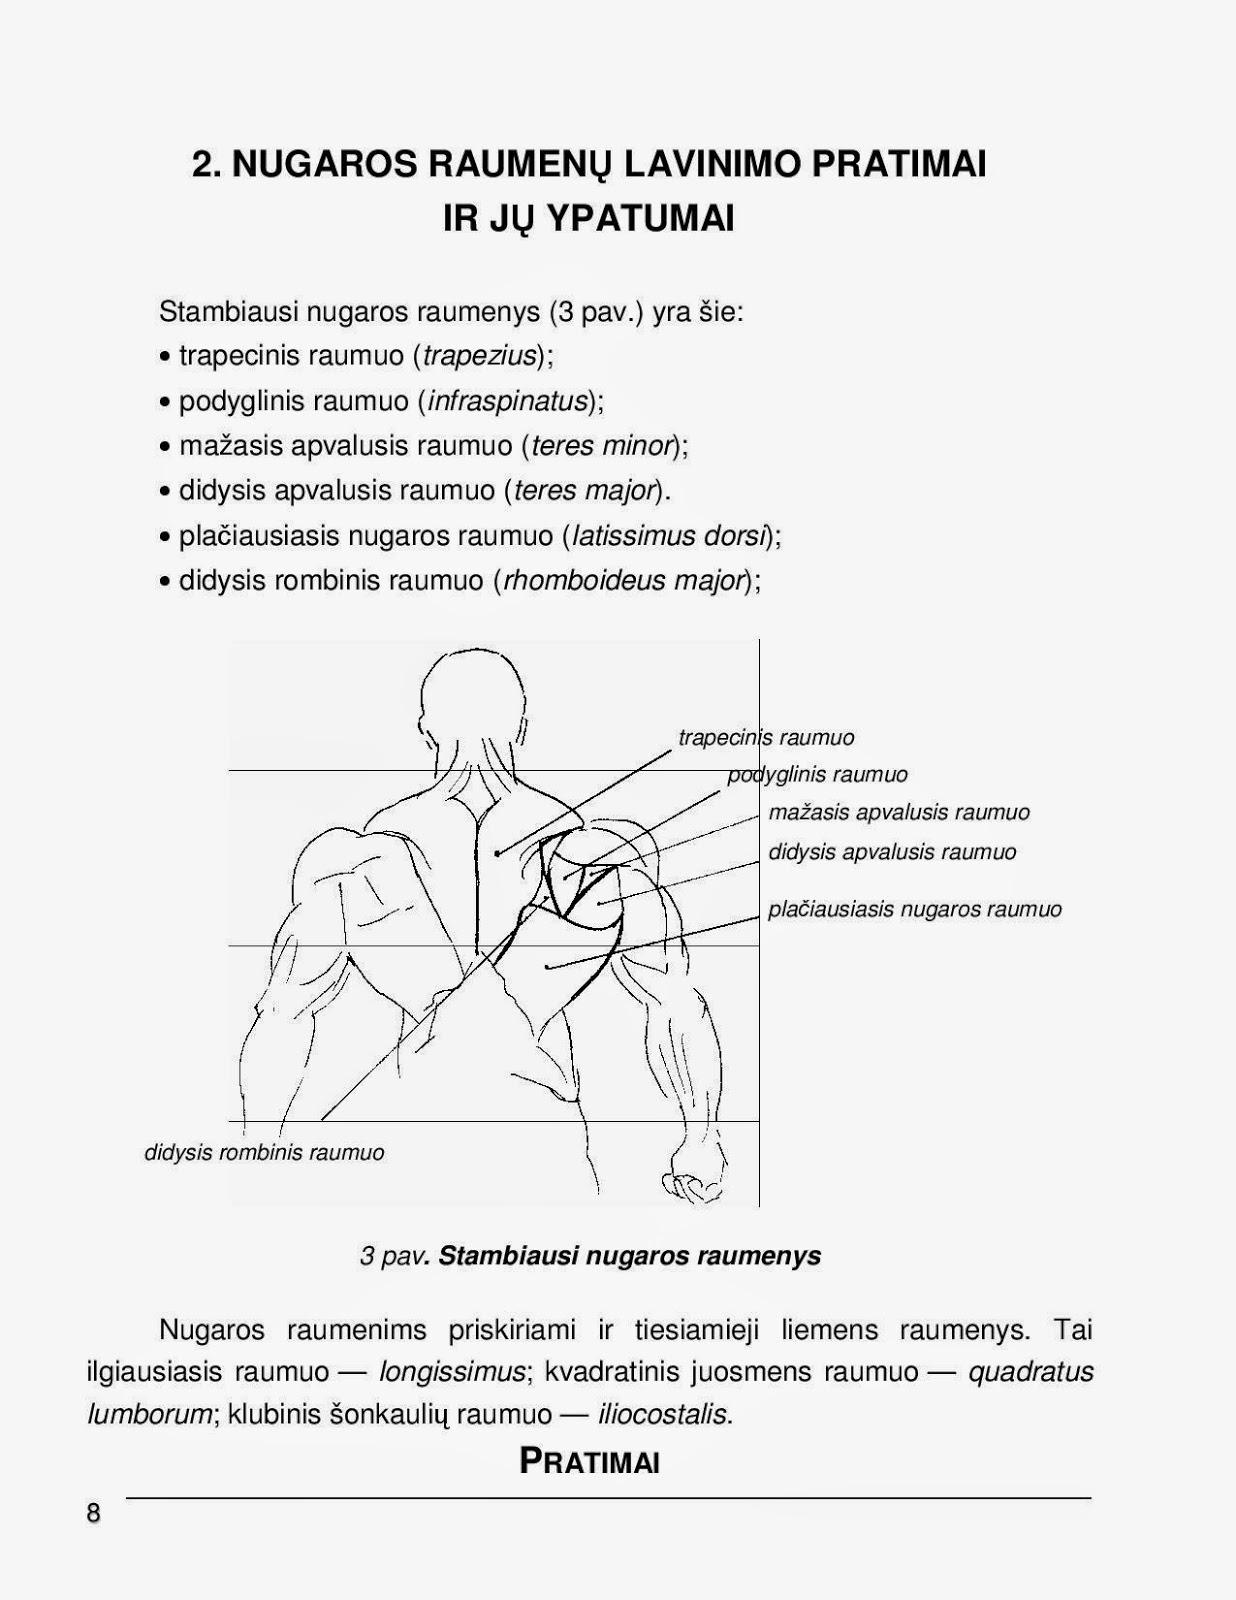 Nugara | Pratimai raumenims